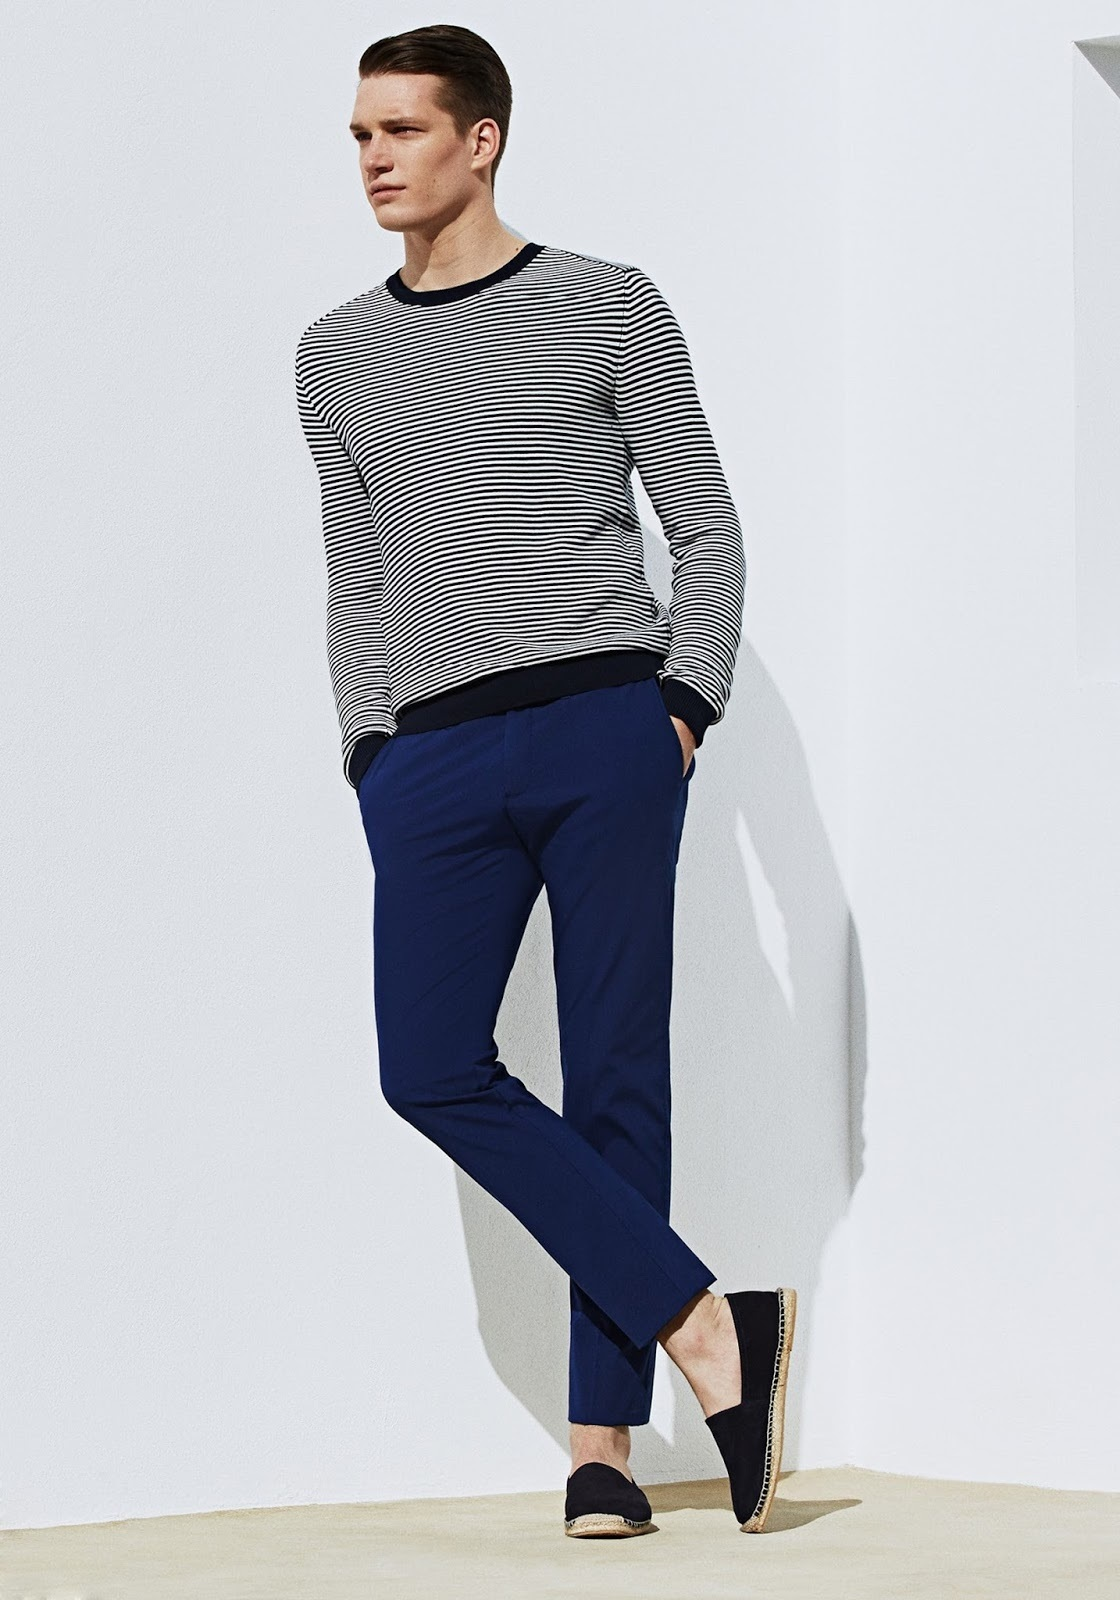 Look de moda Jersey con Cuello Barco de Rayas Horizontales Negro y Blanco, Pantalón